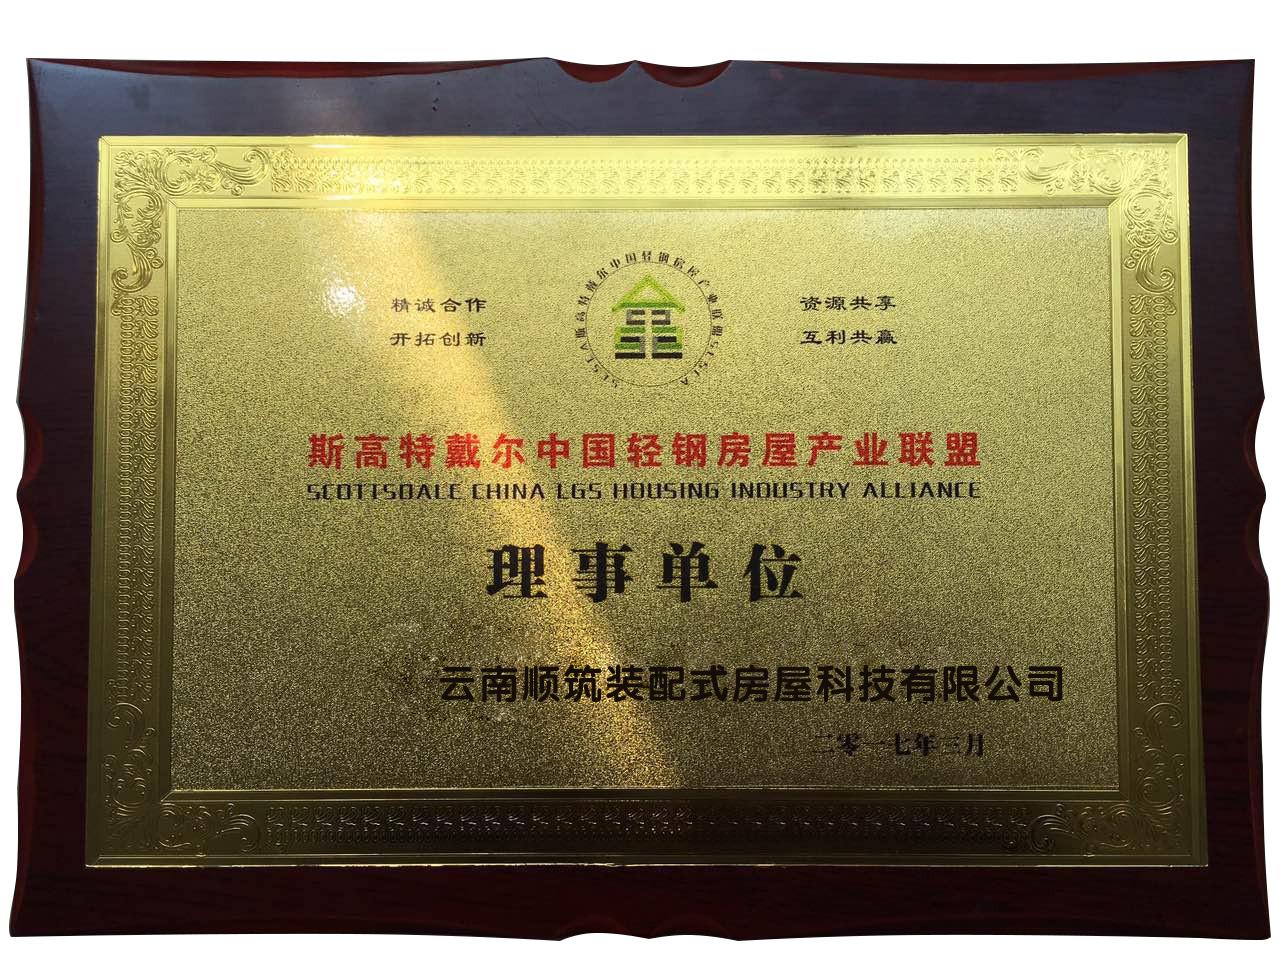 斯高特戴尔中国轻钢房屋产业联盟理事单位